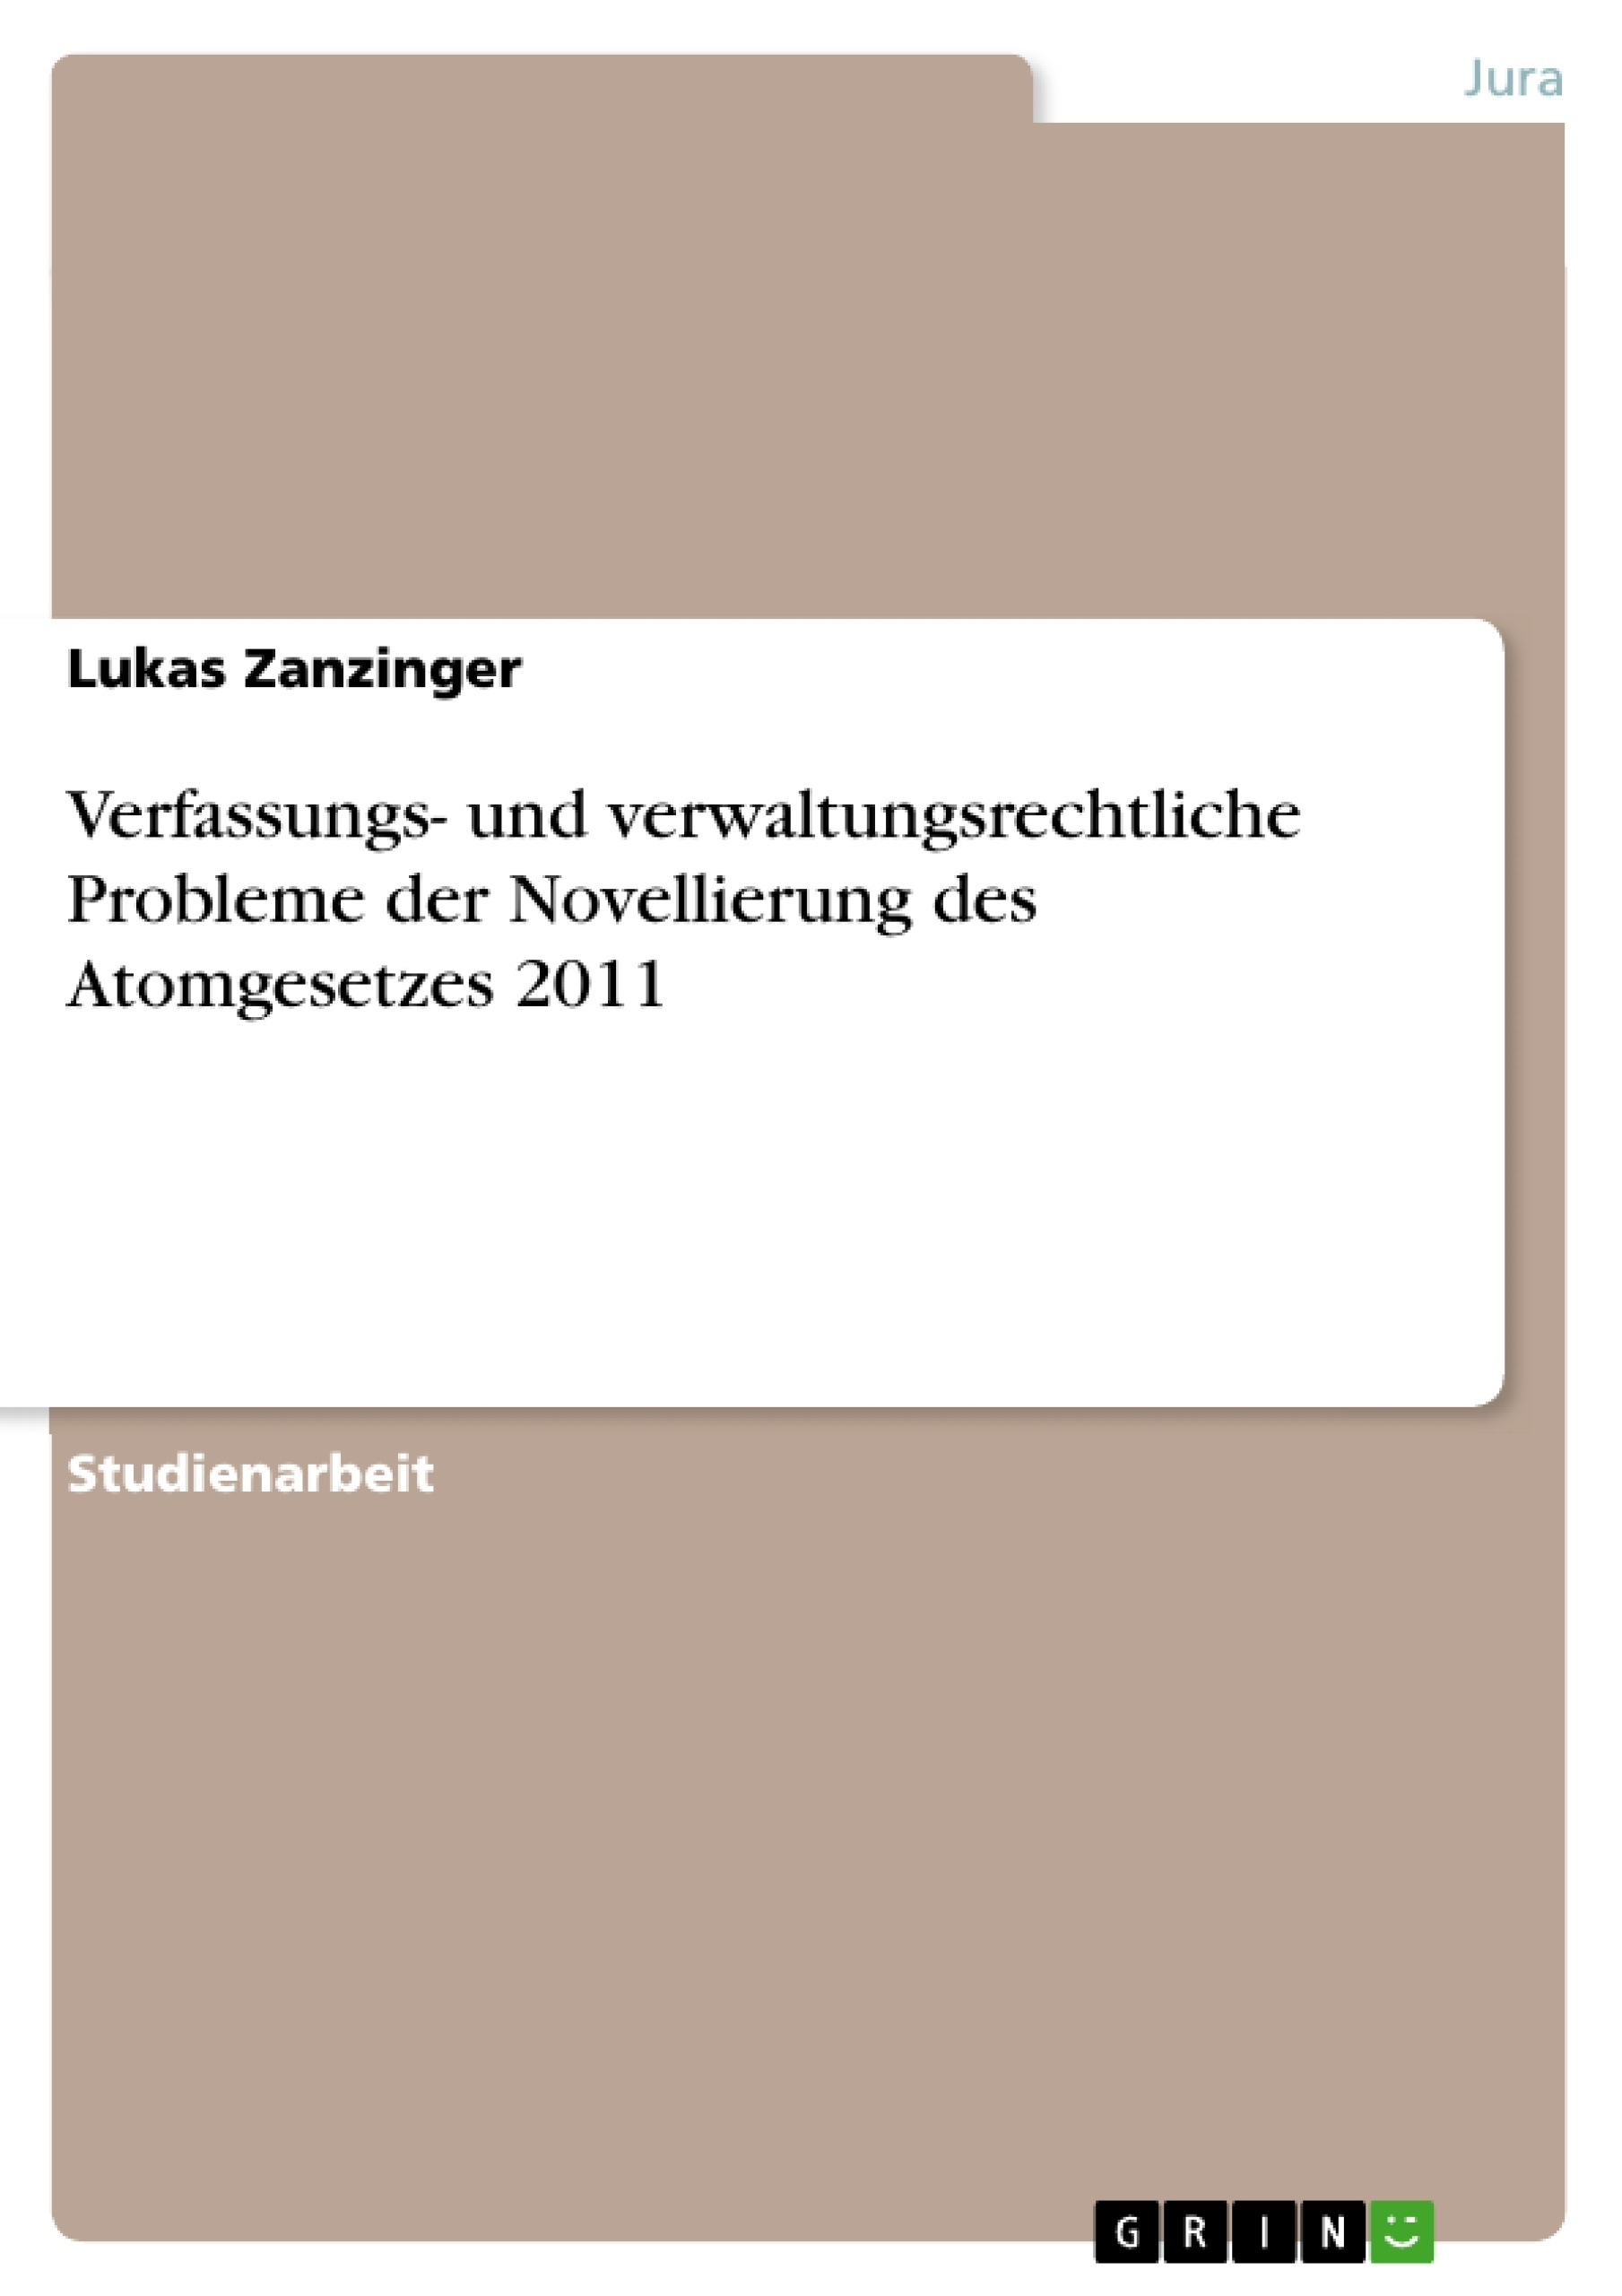 Titel: Verfassungs- und verwaltungsrechtliche Probleme der Novellierung des Atomgesetzes 2011